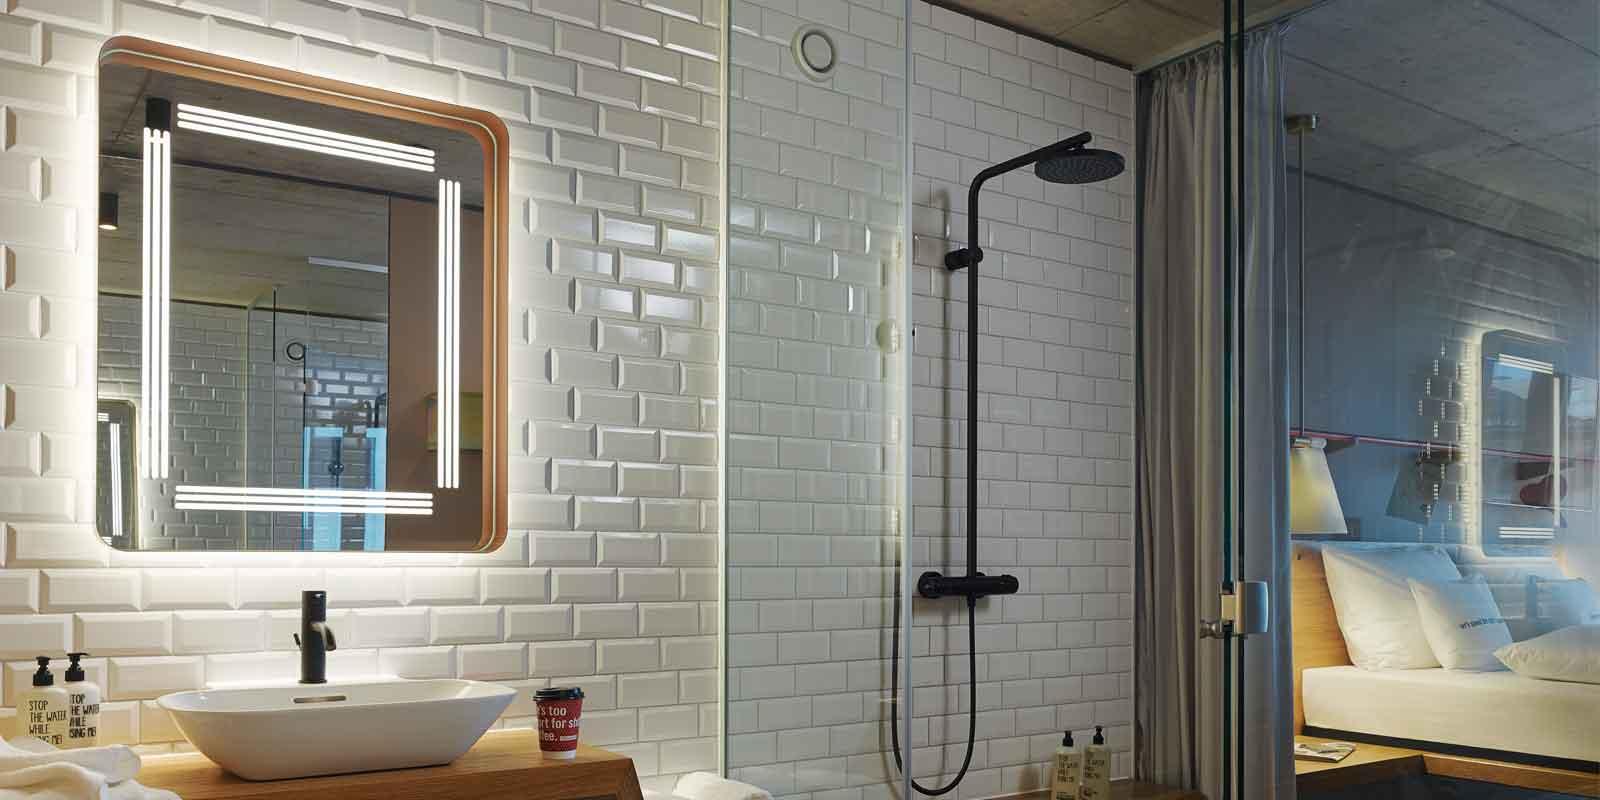 interior-lighting-and-mirrors-25h-zurich-langstrasse